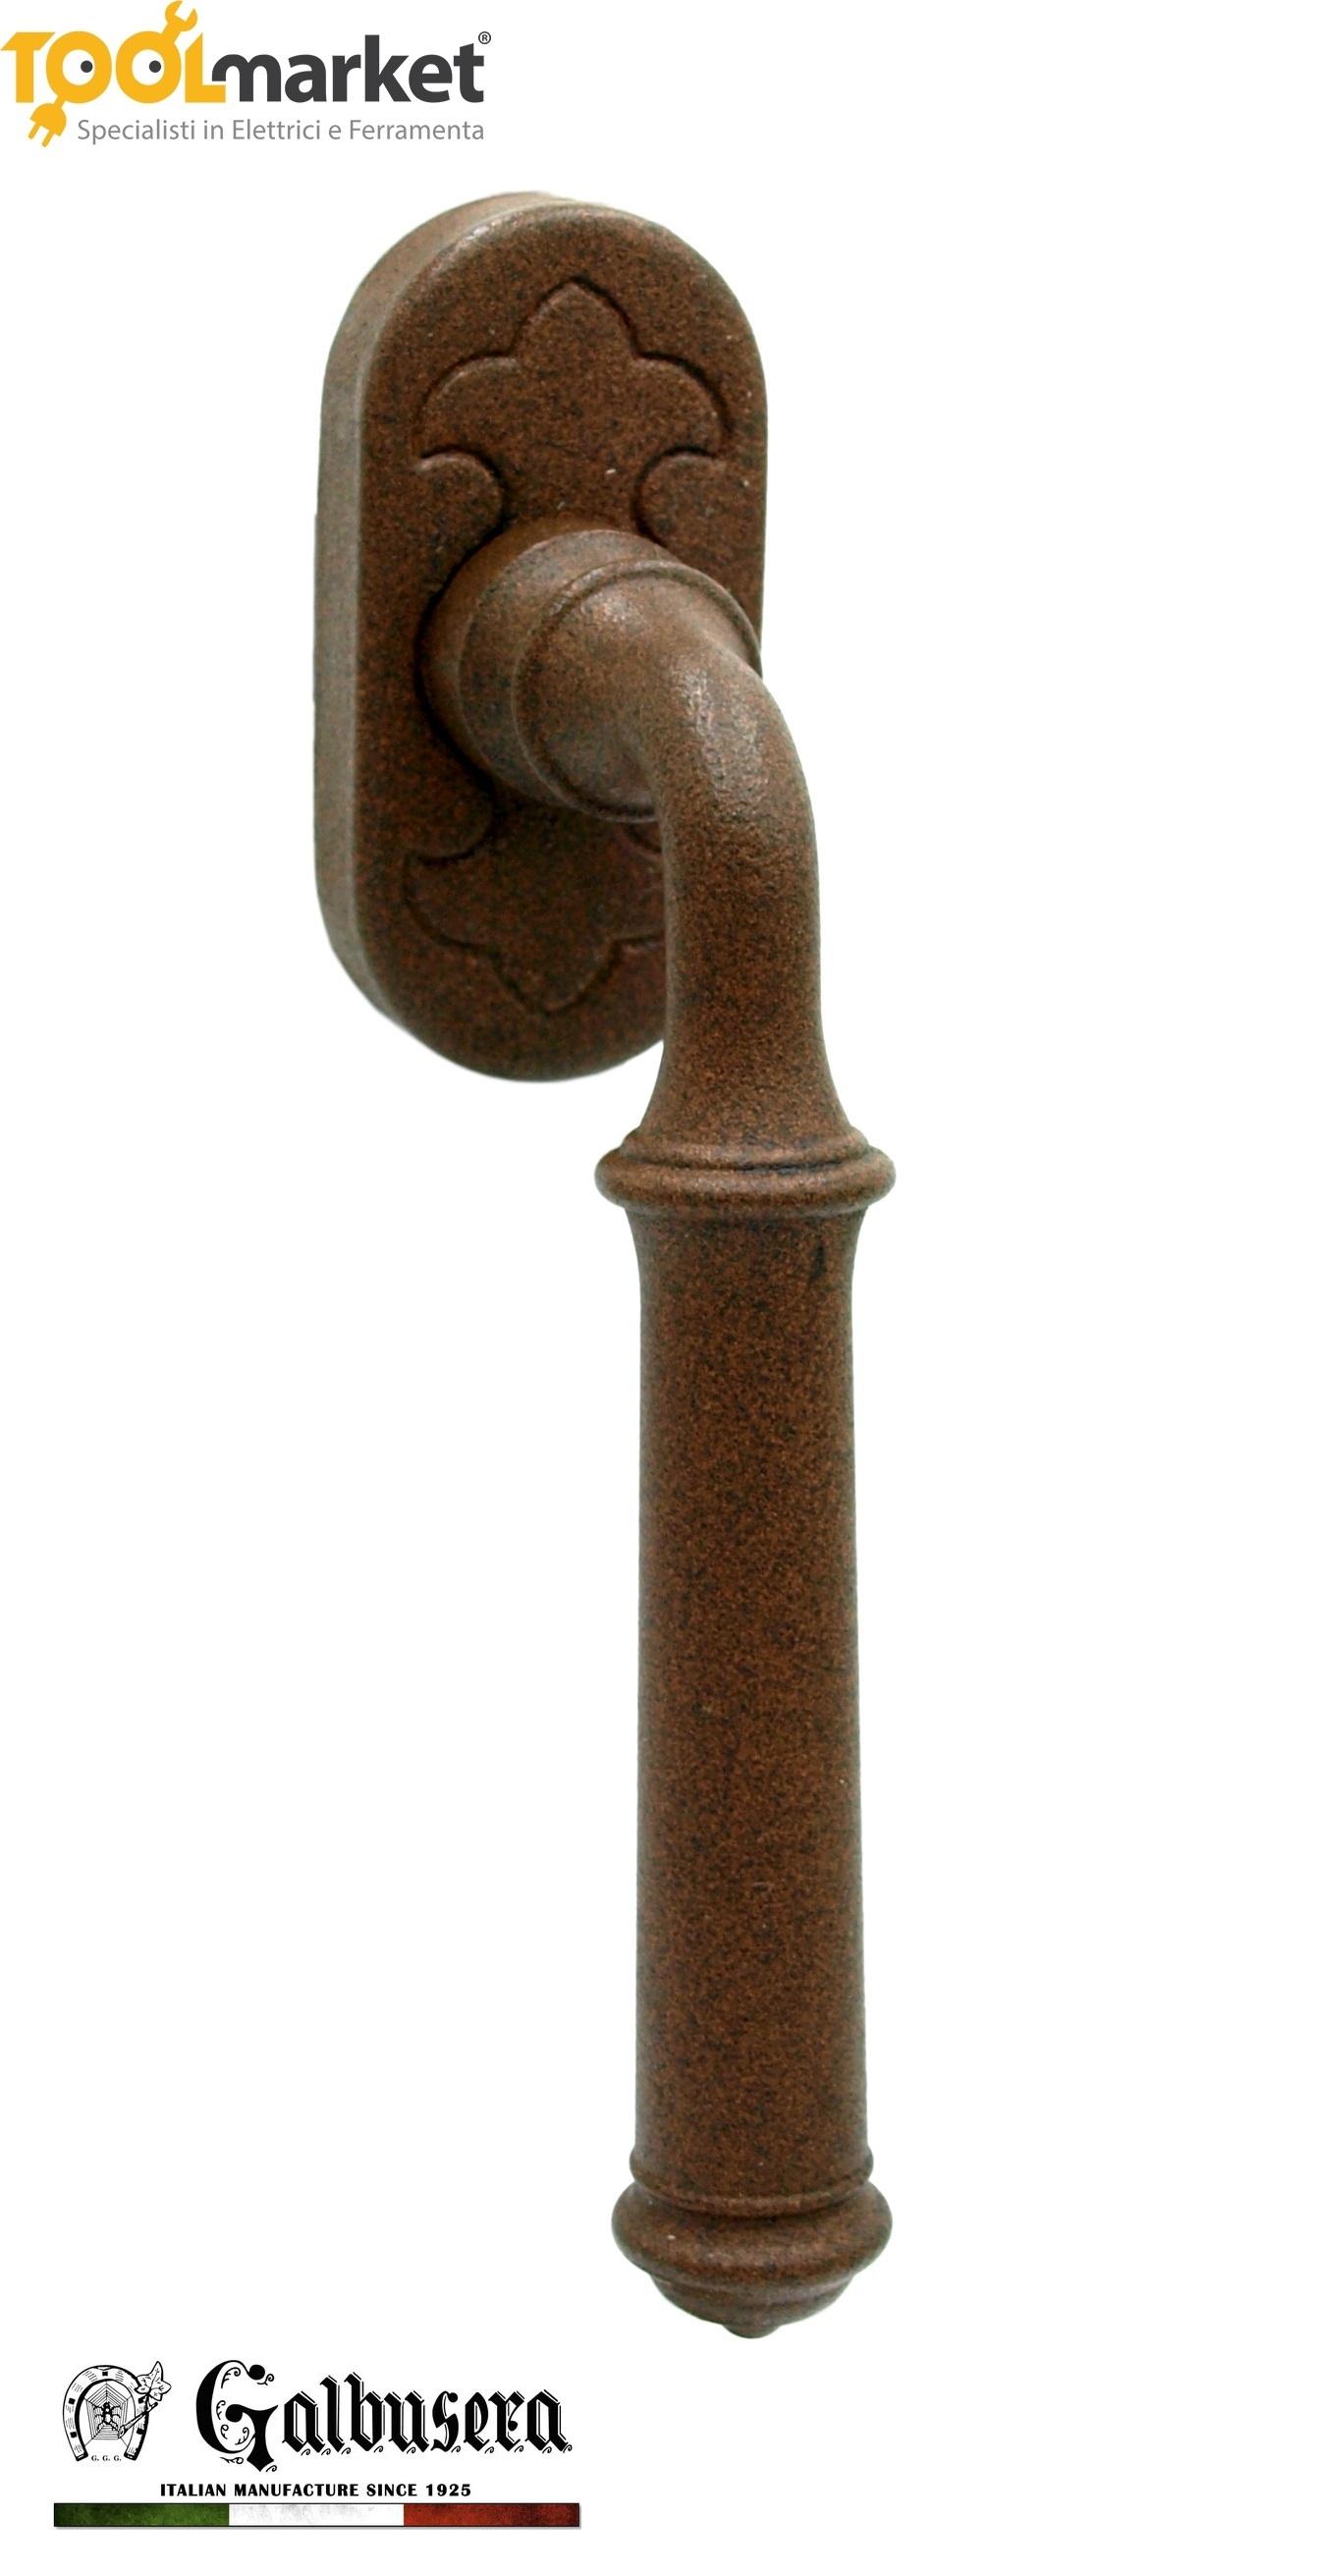 Maniglia per finestra ad anta ribalta in colore KORTEN art 1905 - GALBUSERA